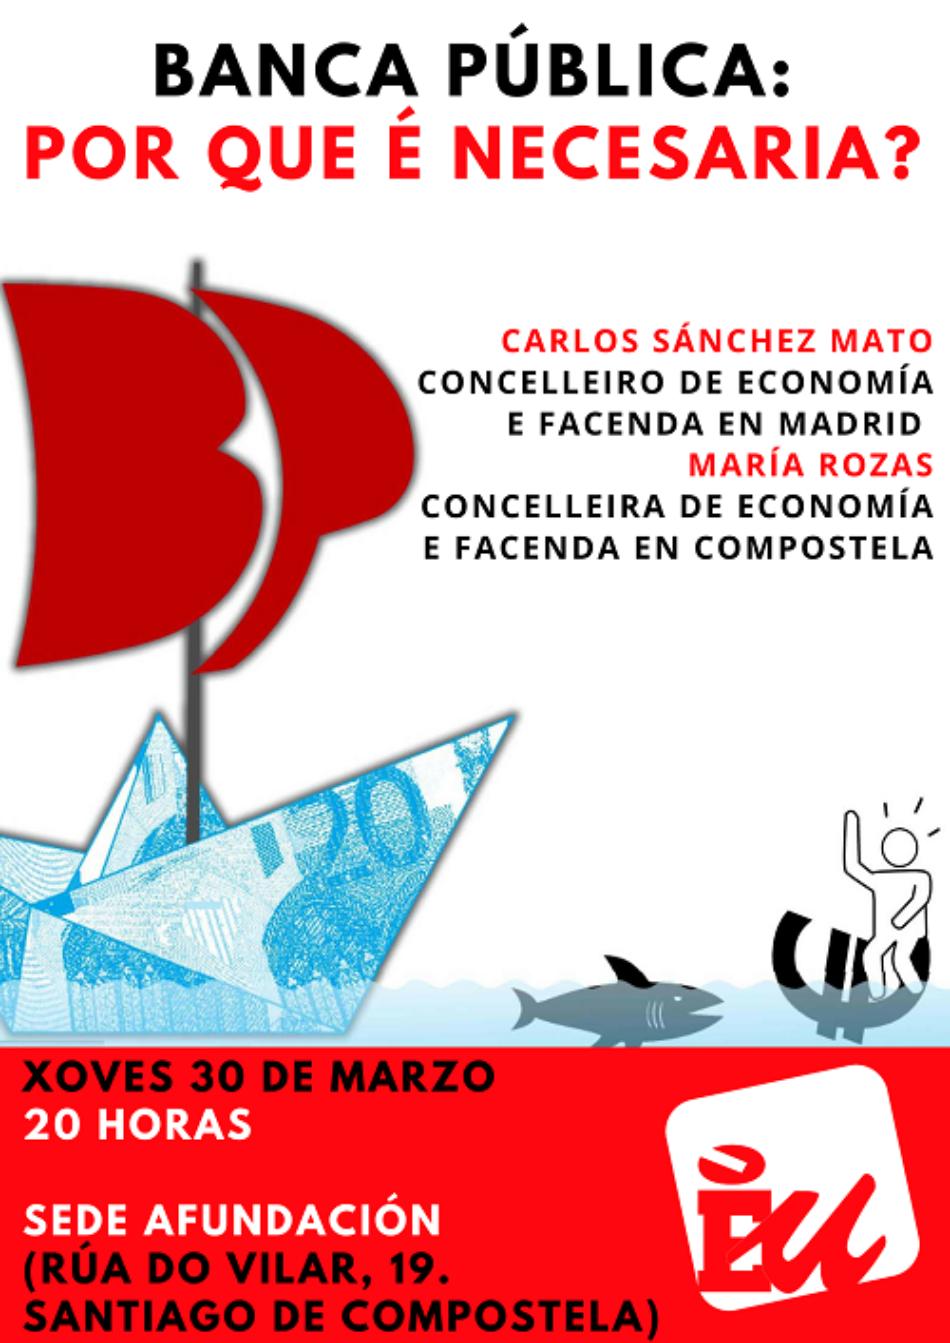 A concelleira de Economía e Facenda de Compostela, María Rozas, e o seu homólogo en Madrid, Carlos Sánchez Mato, debaten en Compostela sobre a necesidade dunha banca pública